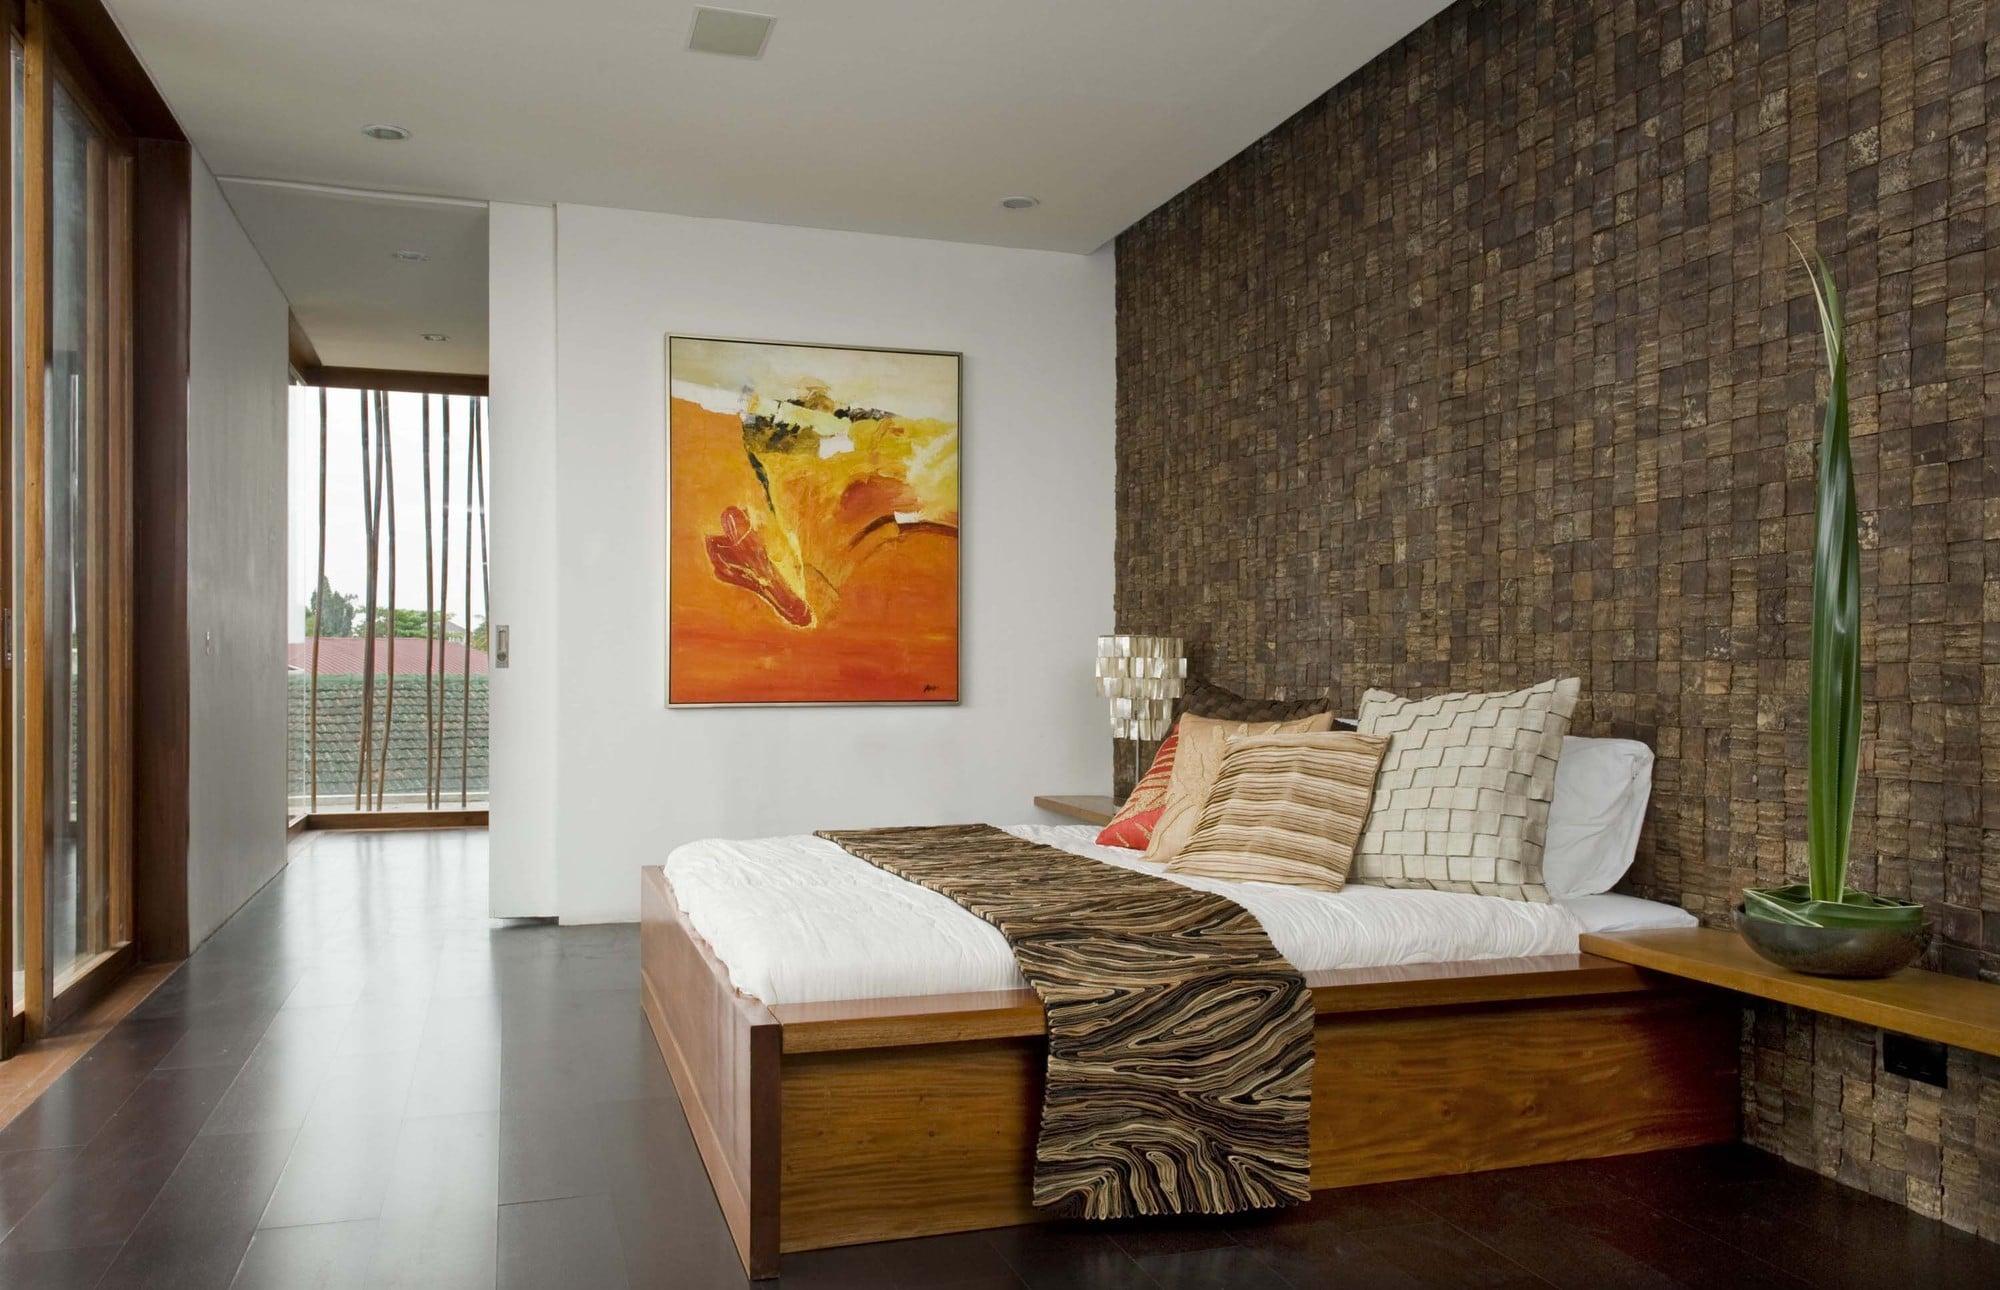 decoracion de interiores rusticos fotos: se le ha aplicado corteza de coco en la pared donde va la cabecera de